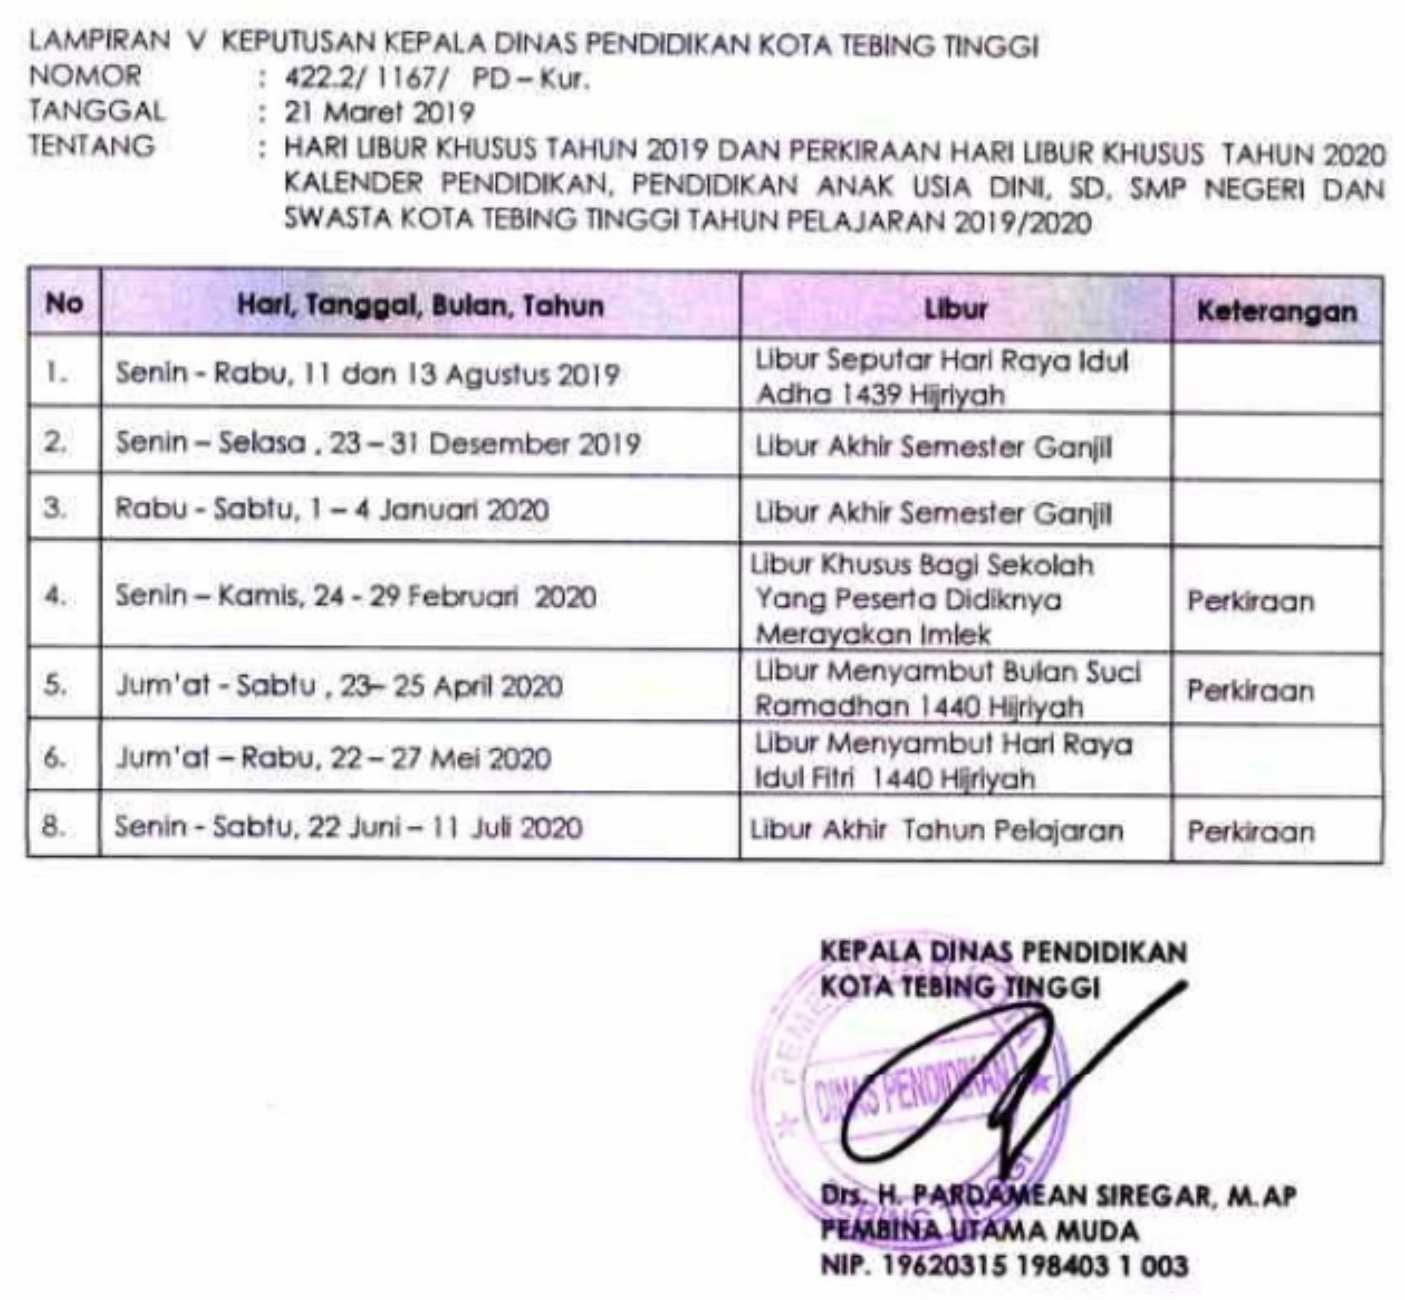 kalender pendidikan TEBING TINGGI sumatera utara tahun pelajaran 2019-2020